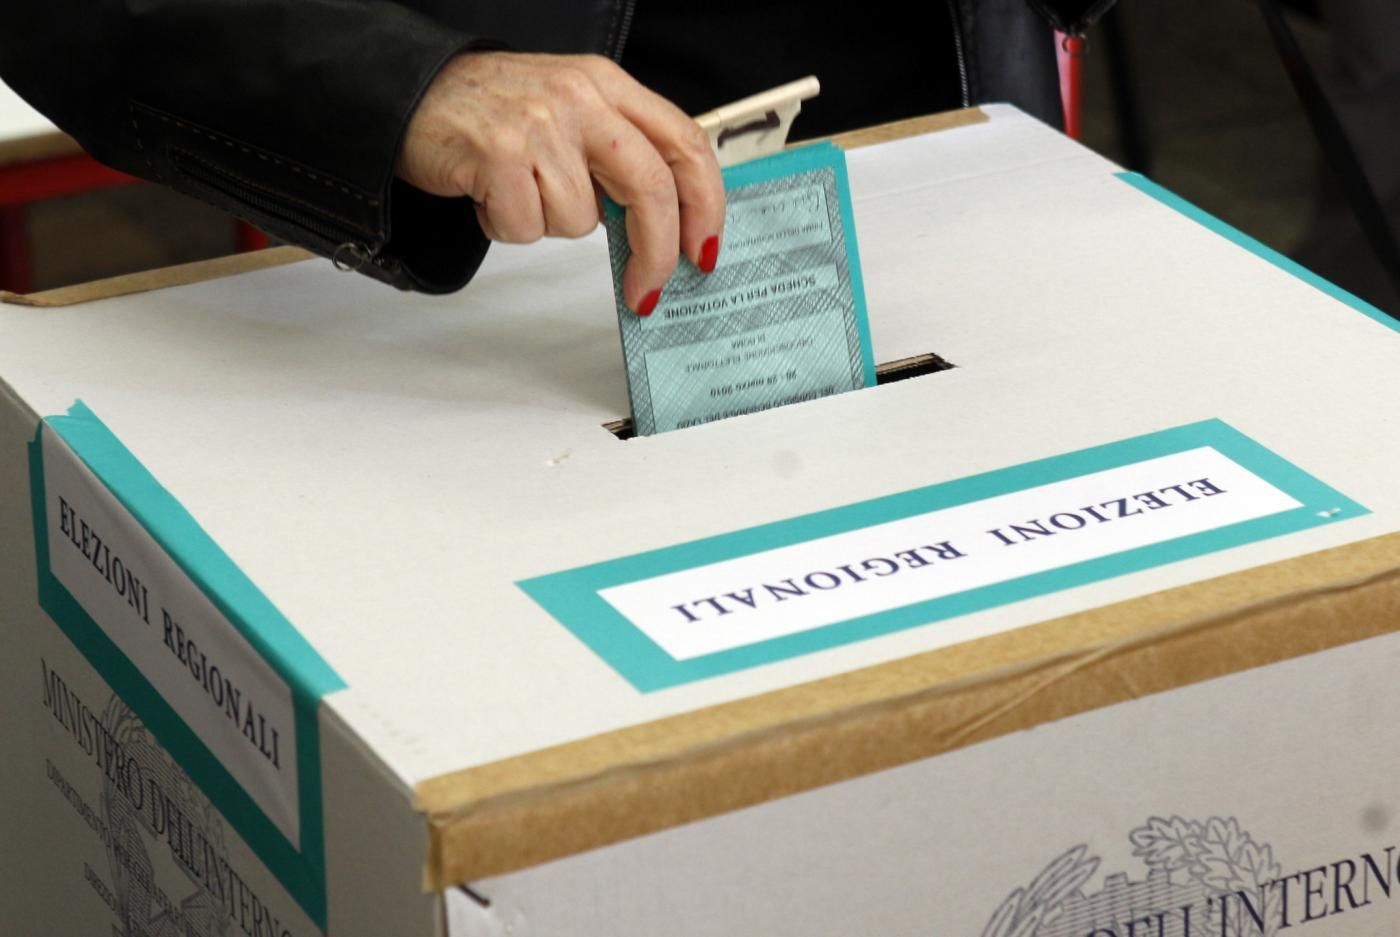 Elezioni regionali 2015: quando e dove? Date ed elenco regioni al voto